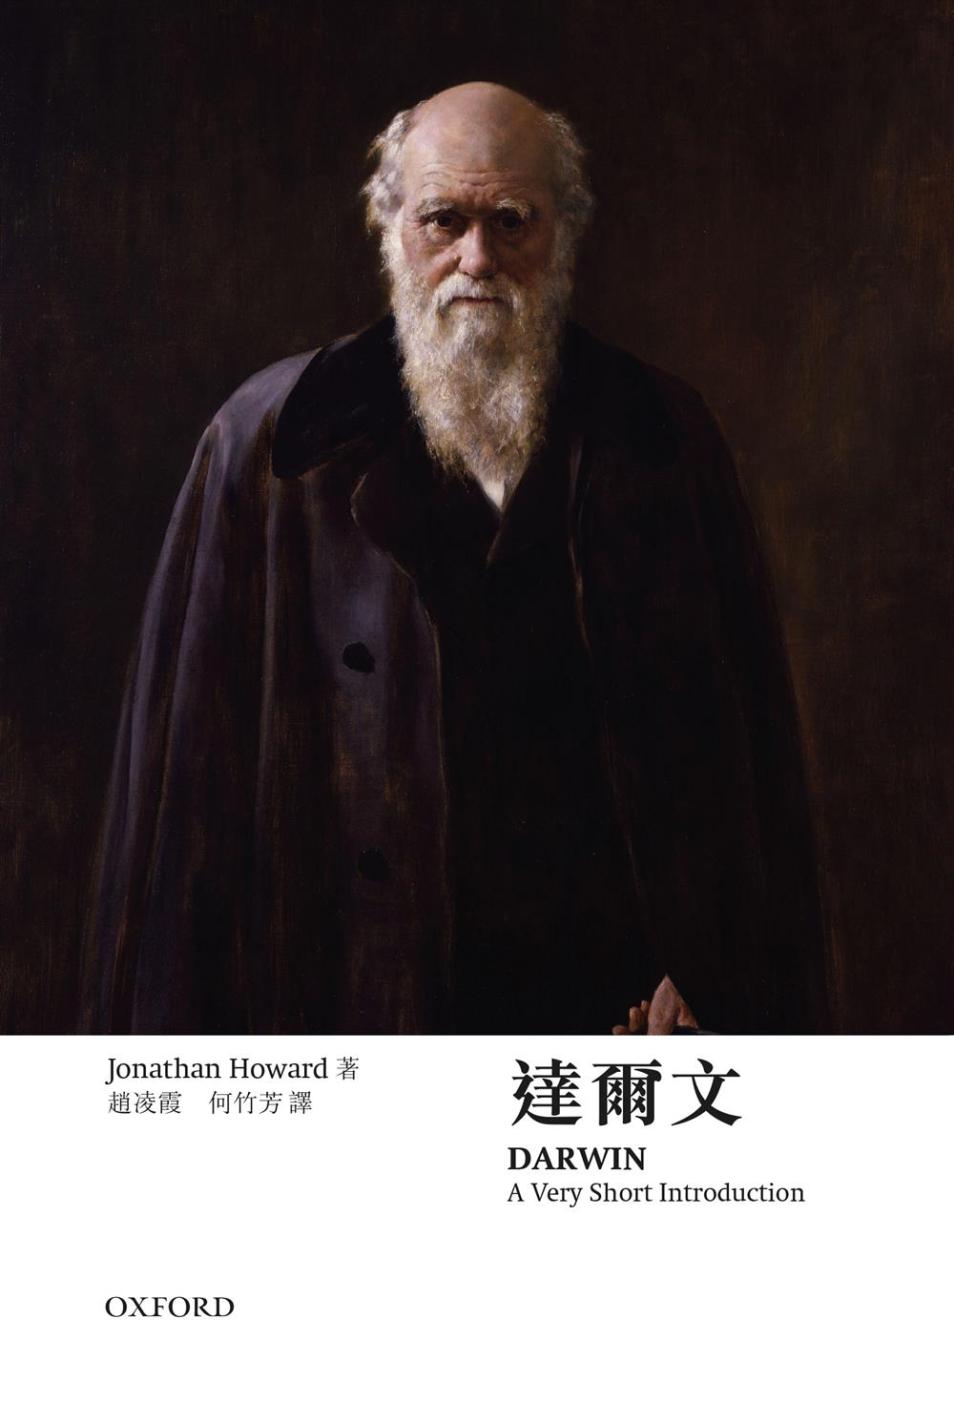 【牛津通識】達爾文